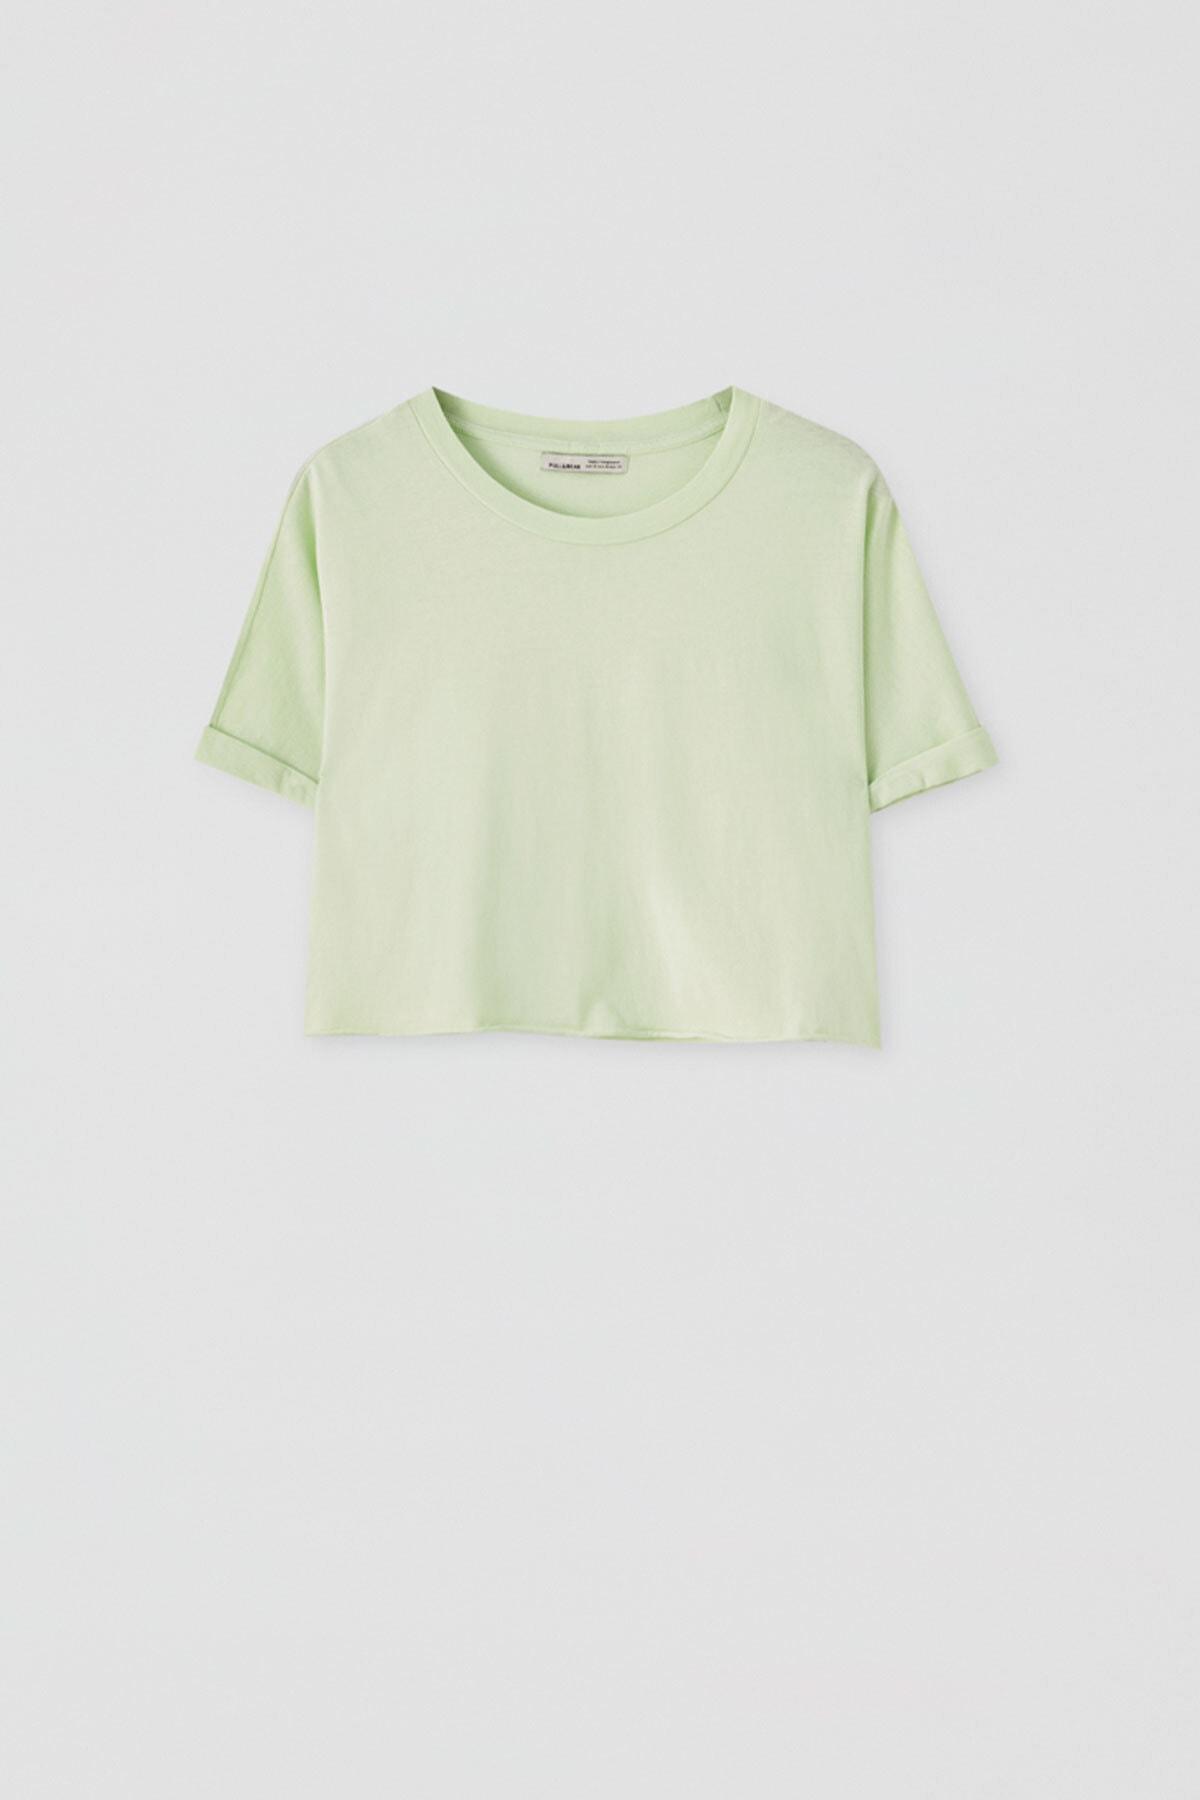 Pull & Bear Kadın Açık Limon Yeşili Kenarı Dikişsiz Crop Fit T-Shirt 05236327 1